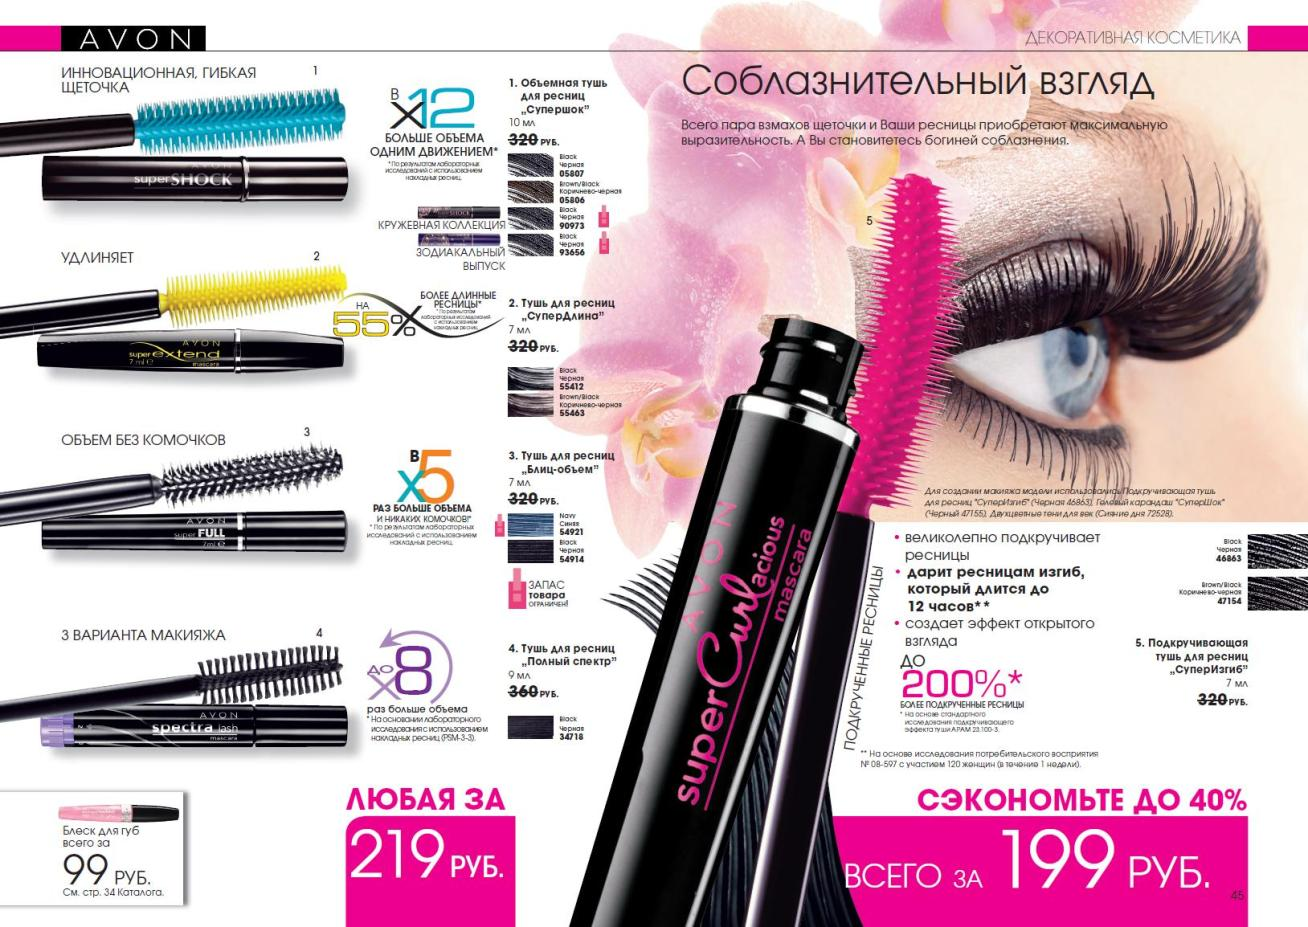 http://avon2010.ucoz.ru/03-2011/uvelicennie/44-45.jpg